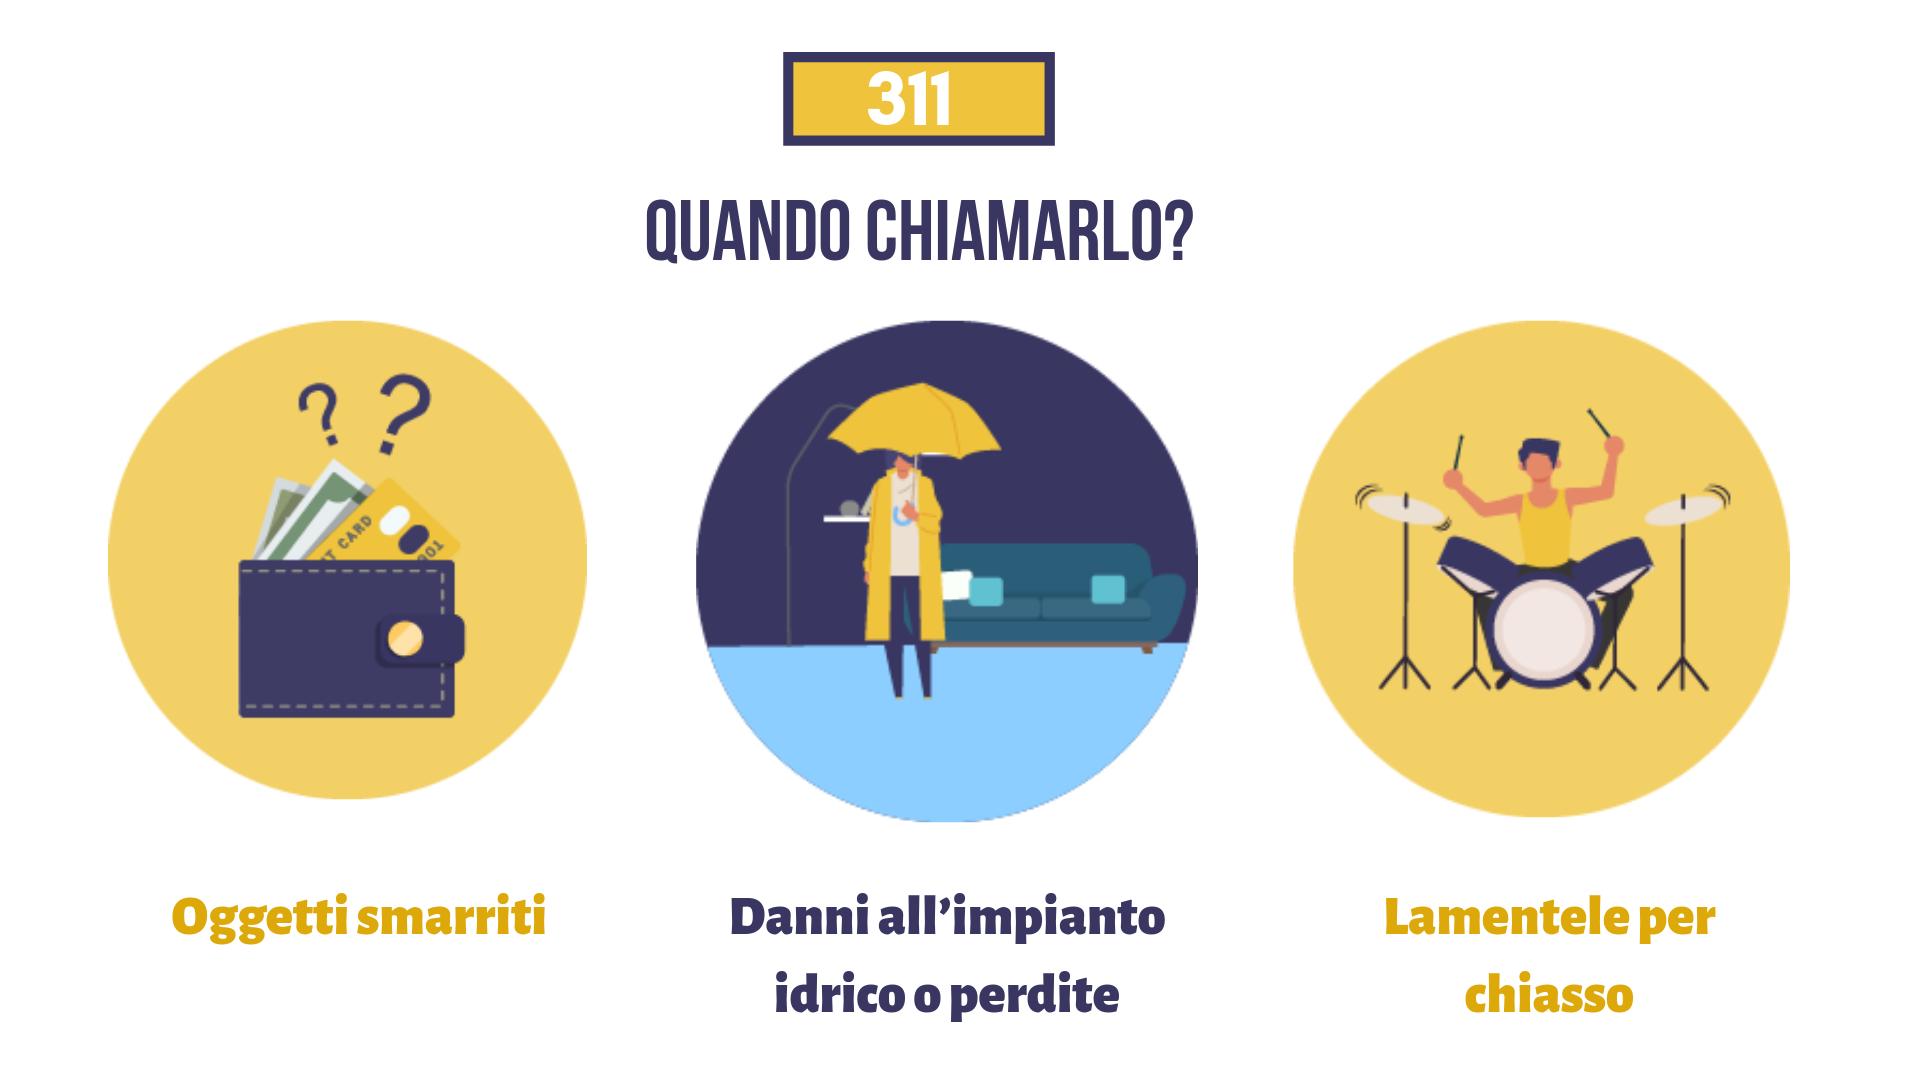 Infografica che descrive varie situazioni a cui il 311 può rispondere.